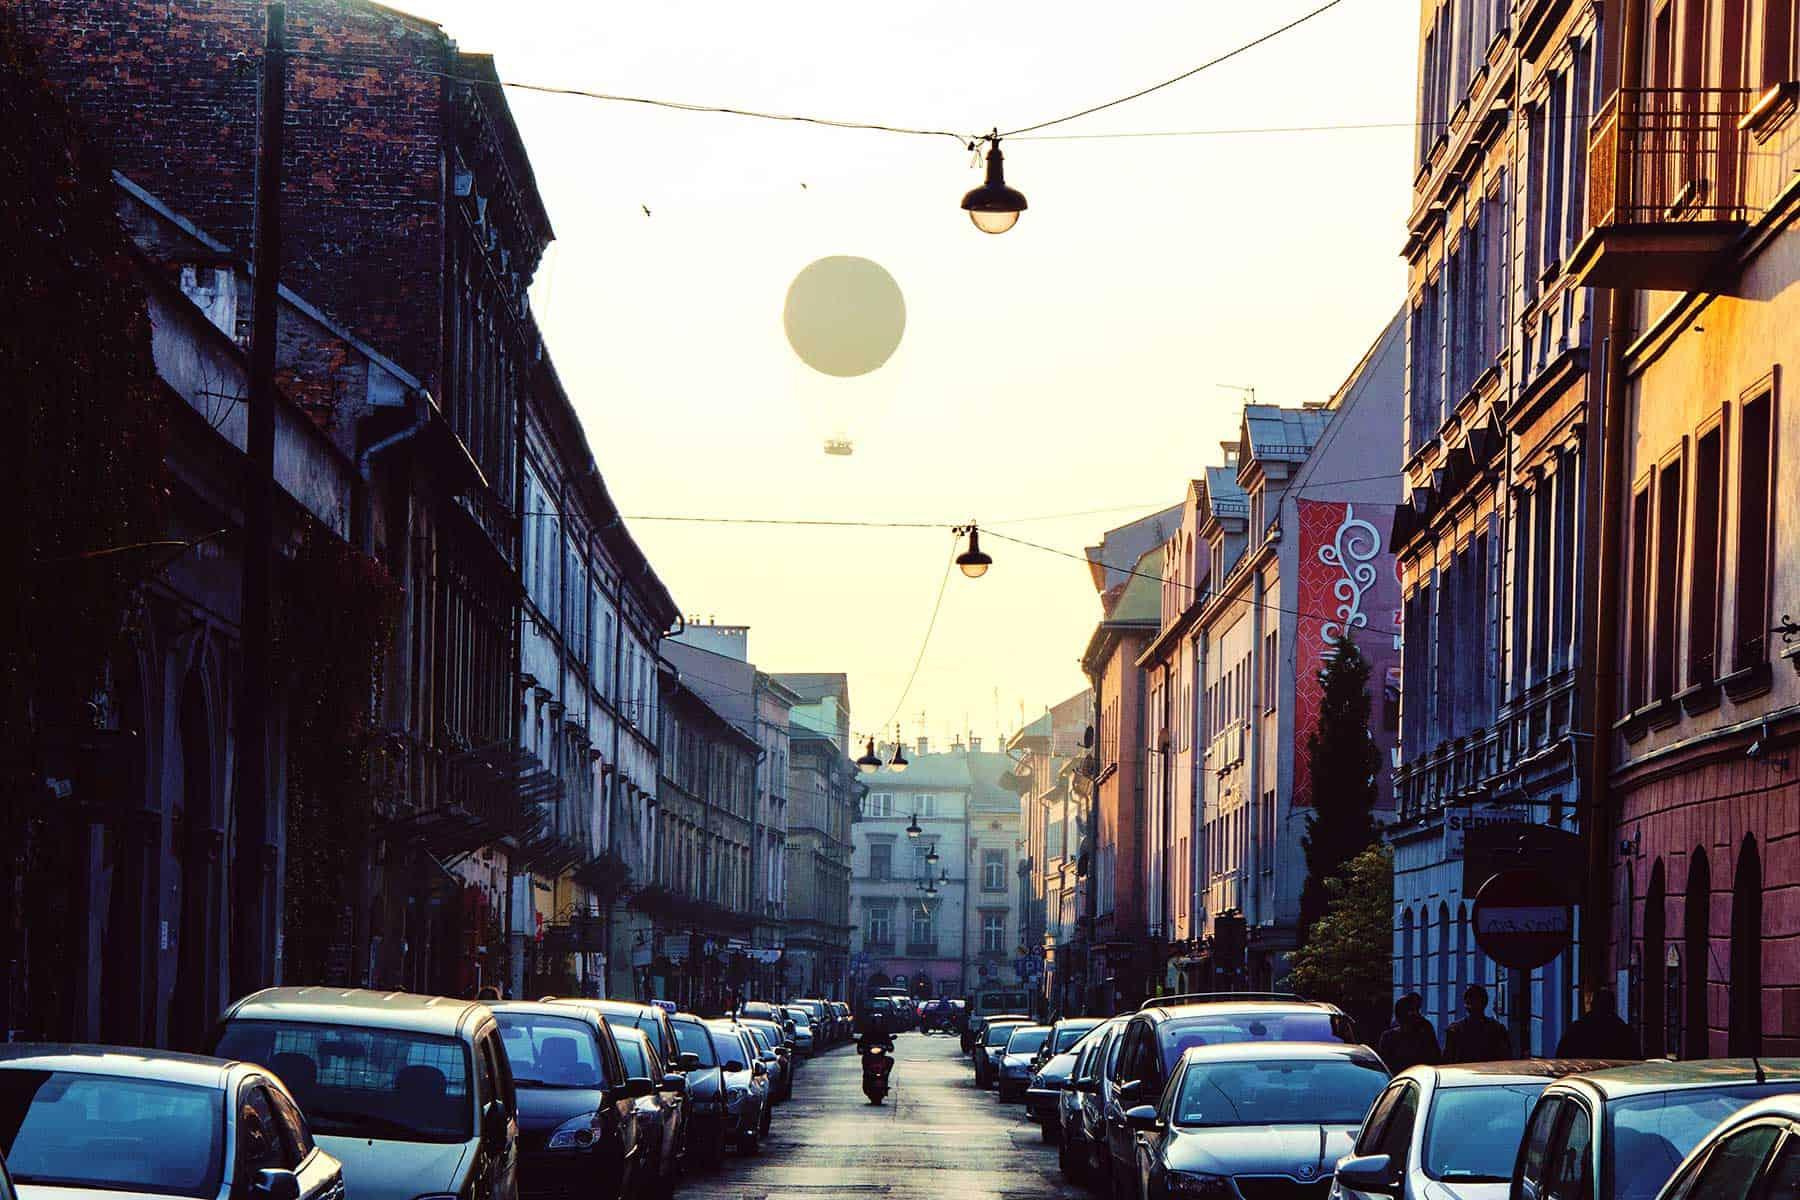 weekendresa_krakow_stadsbild3_nygren_lind_resebyrå